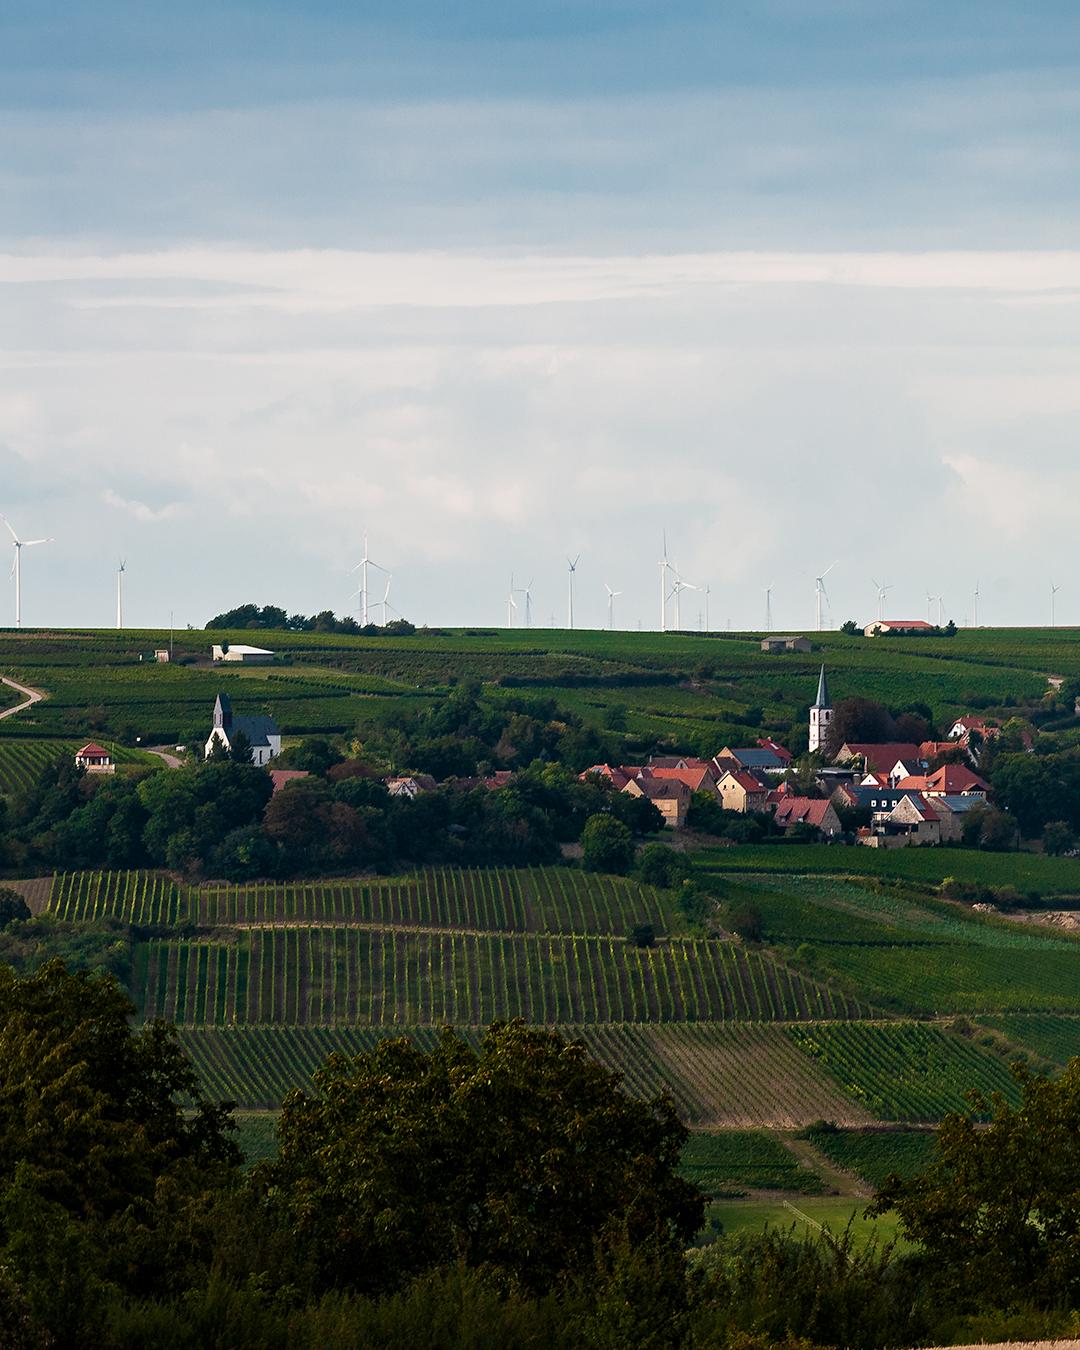 Zellertal-Panorama entlang der Panoramastraße zwischen Zell und Mölsheim im Zellertal